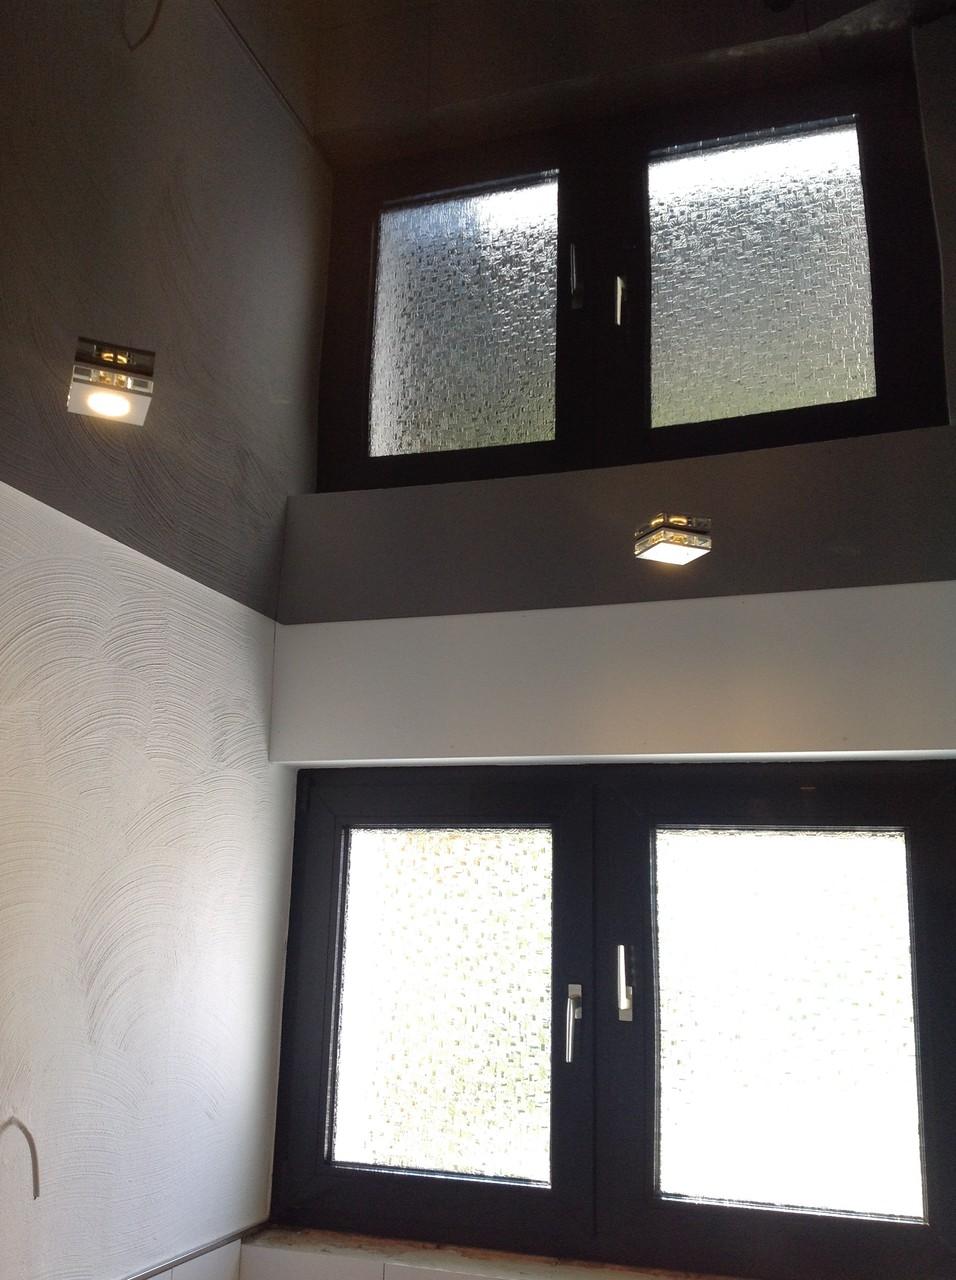 Spanndecke schwarz glänzend Badezimmer Iserlohn